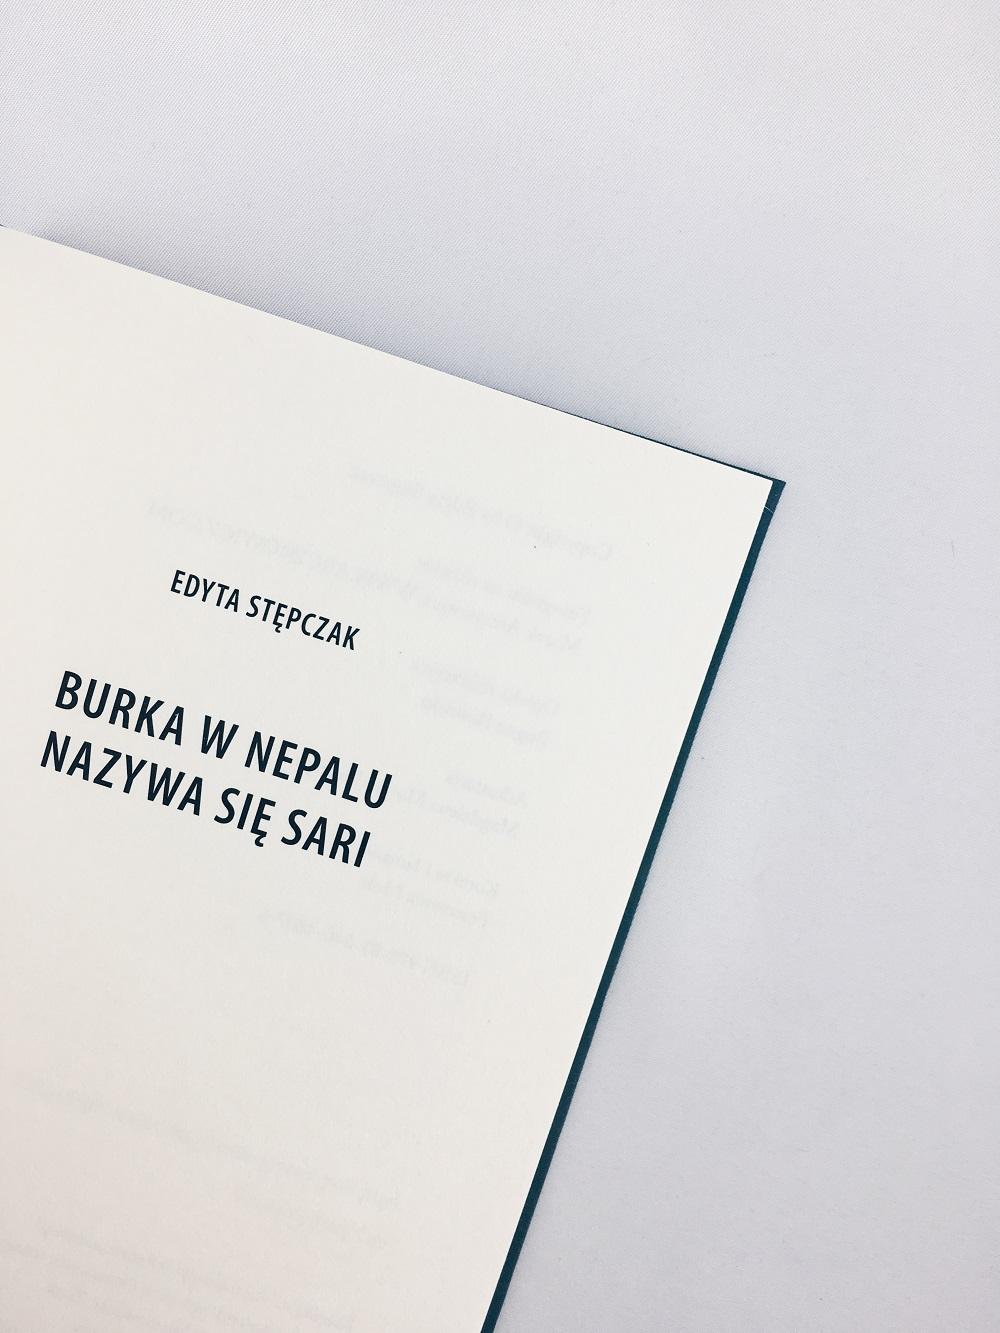 Burka w Nepalu